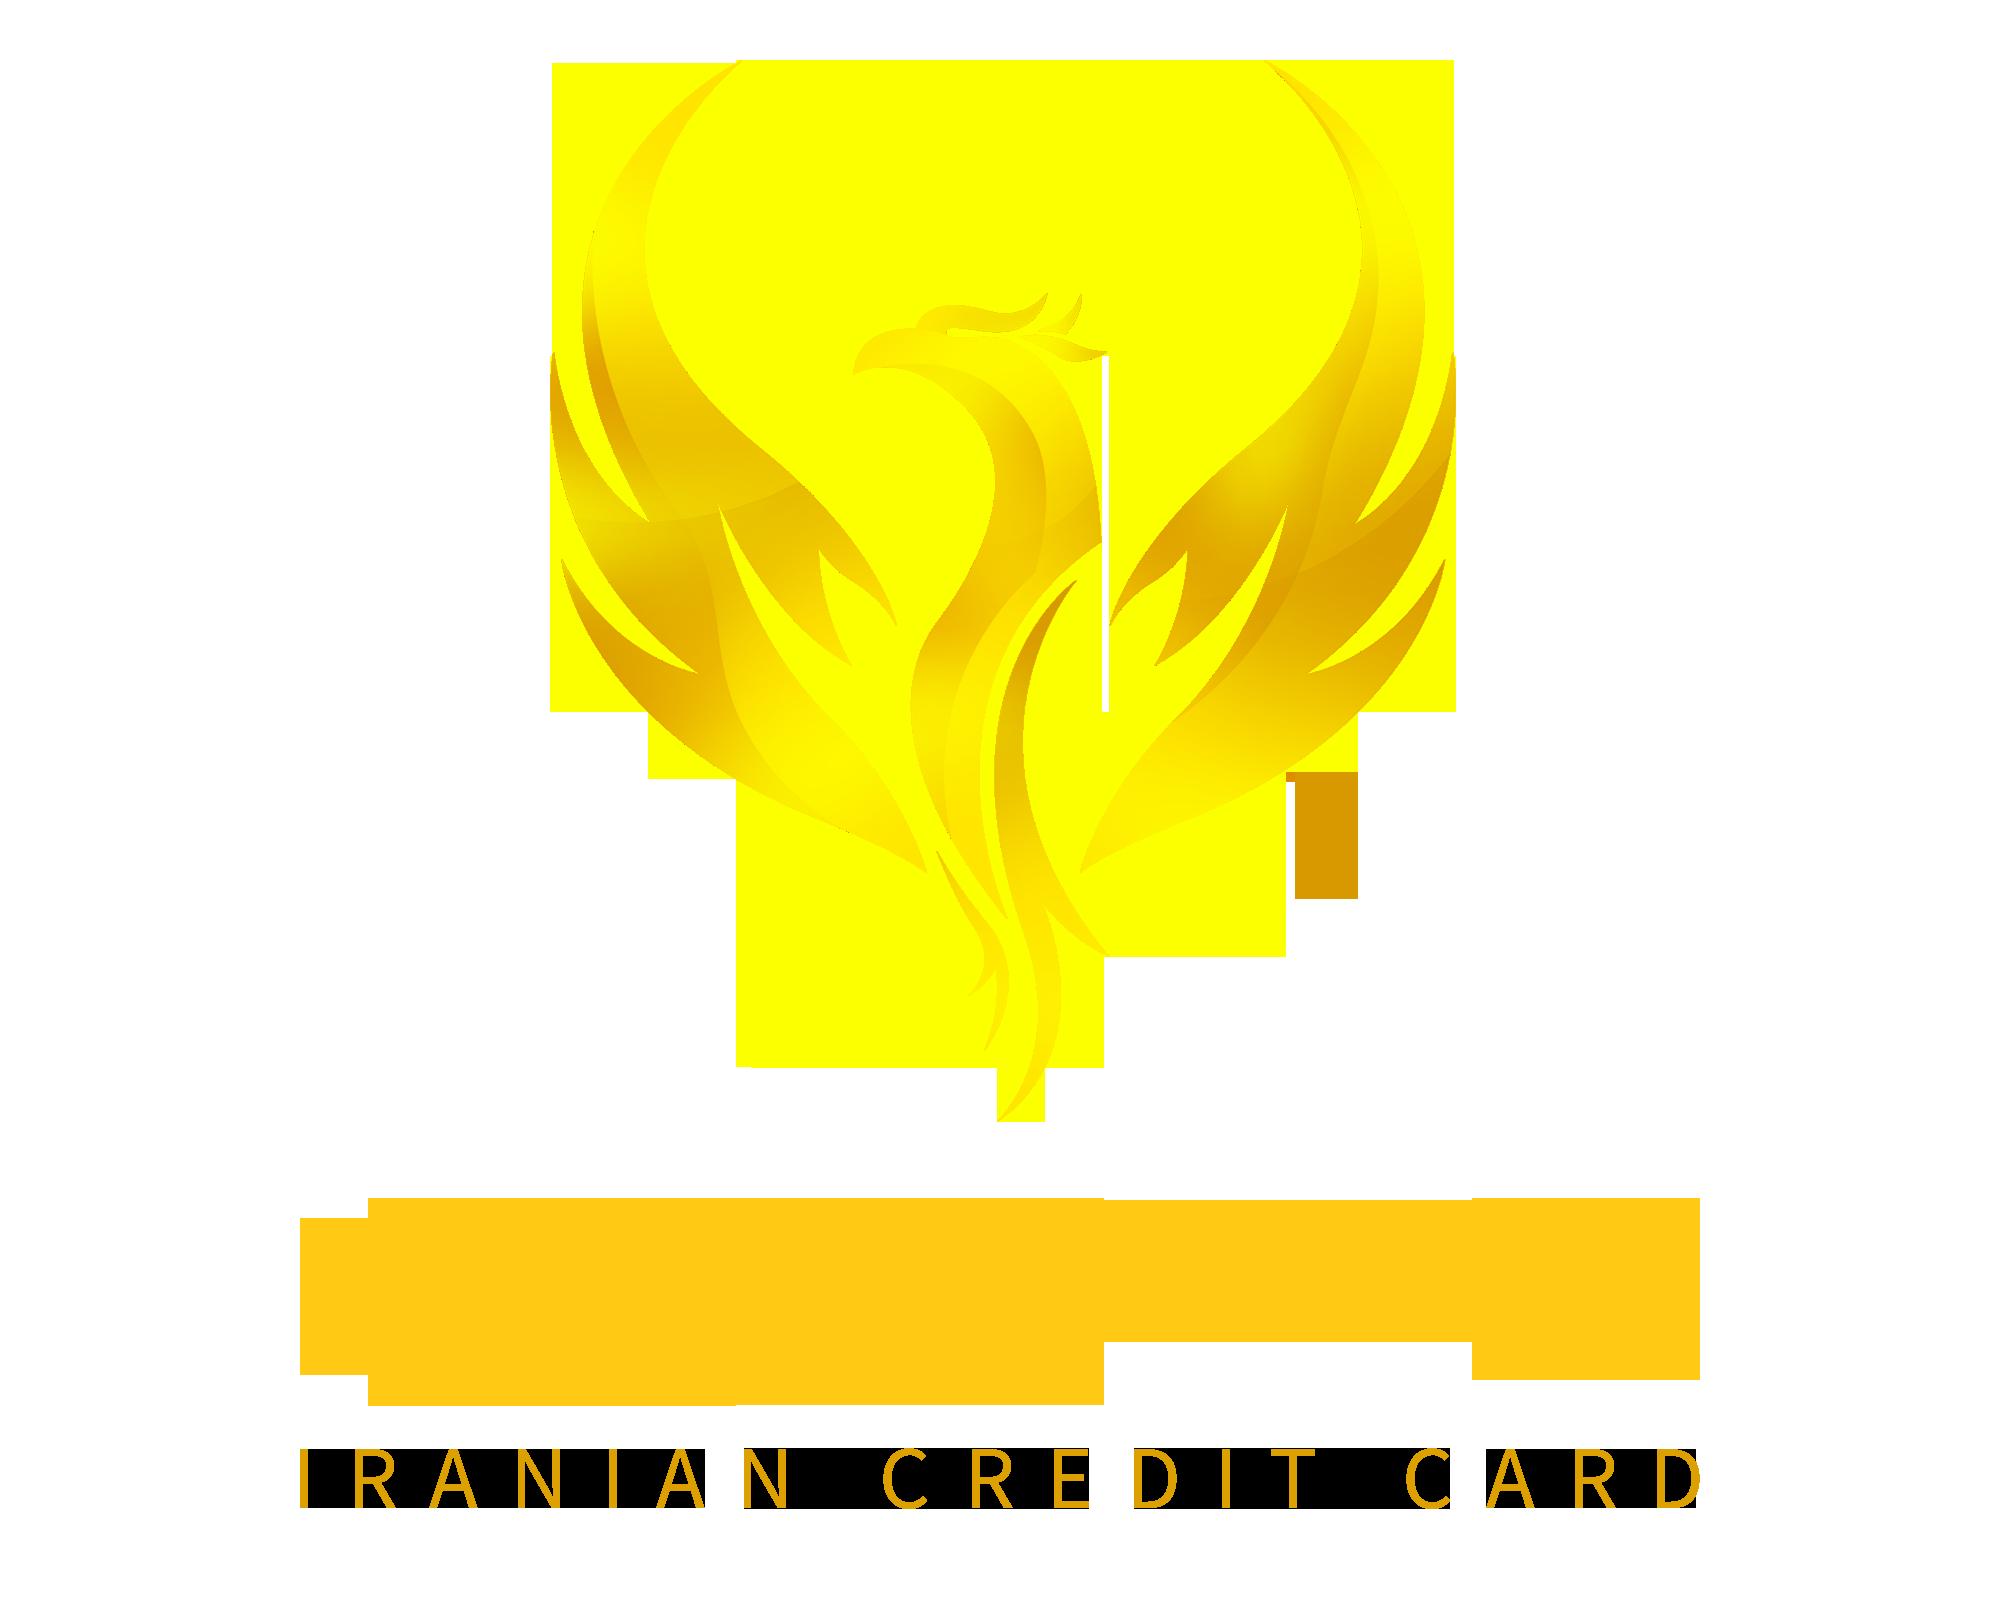 کارت اعتباری ایرانیان